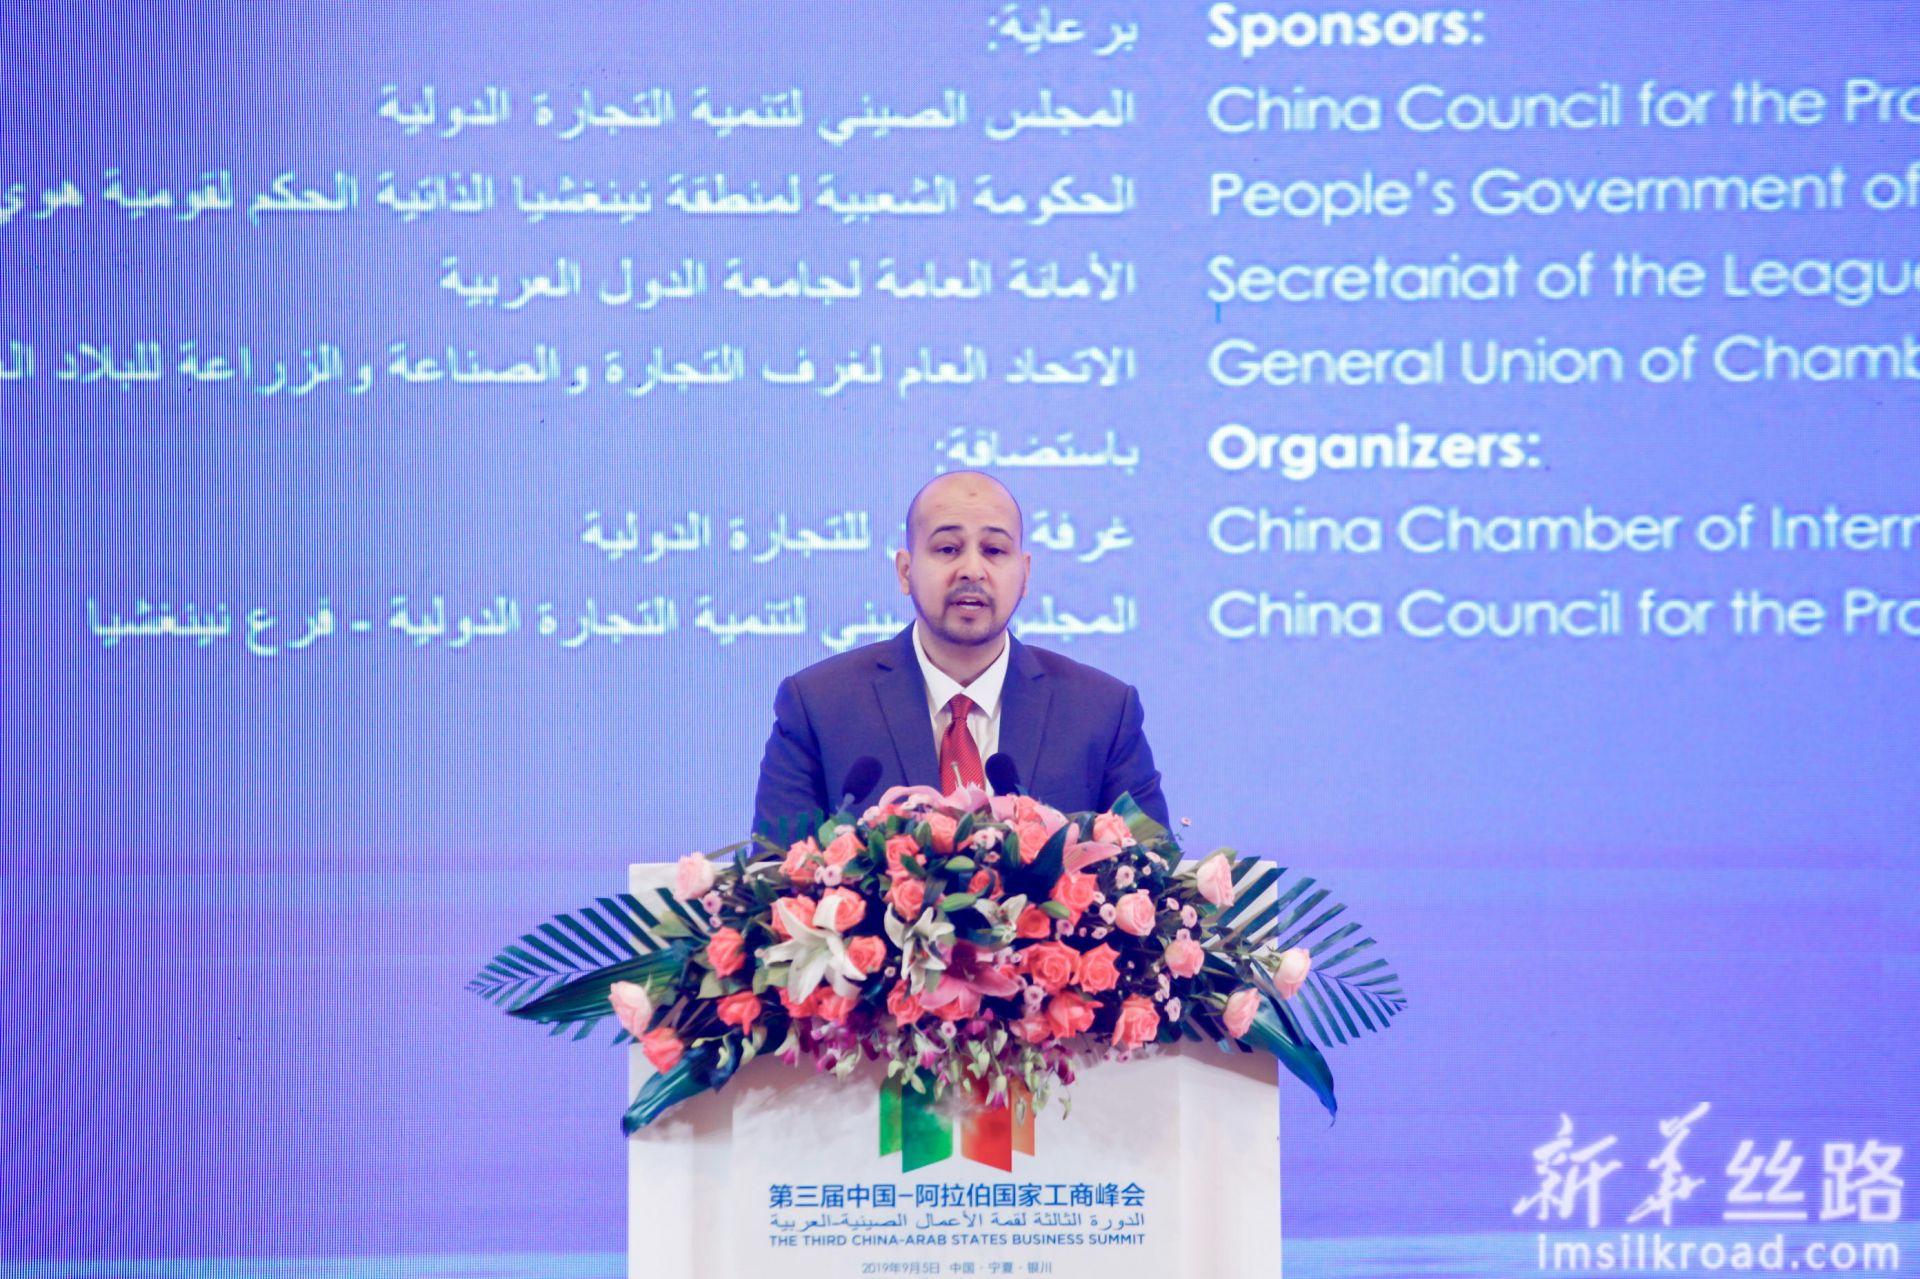 约旦阿布格扎拉集团北京公司经理哈姆扎·法特尔先生致辞。